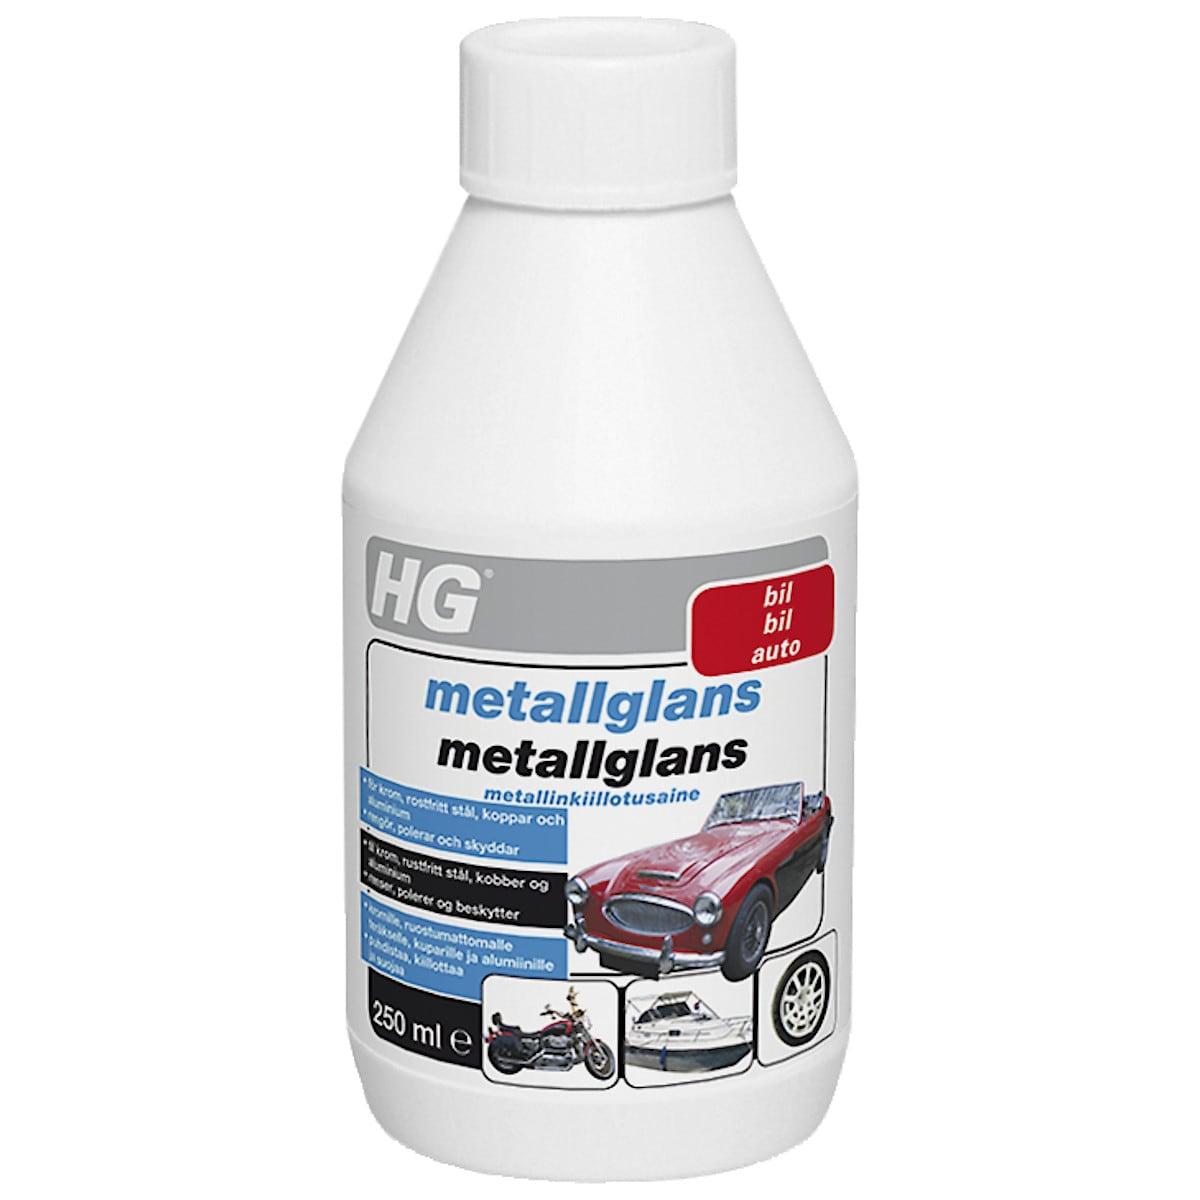 Metallglans HG